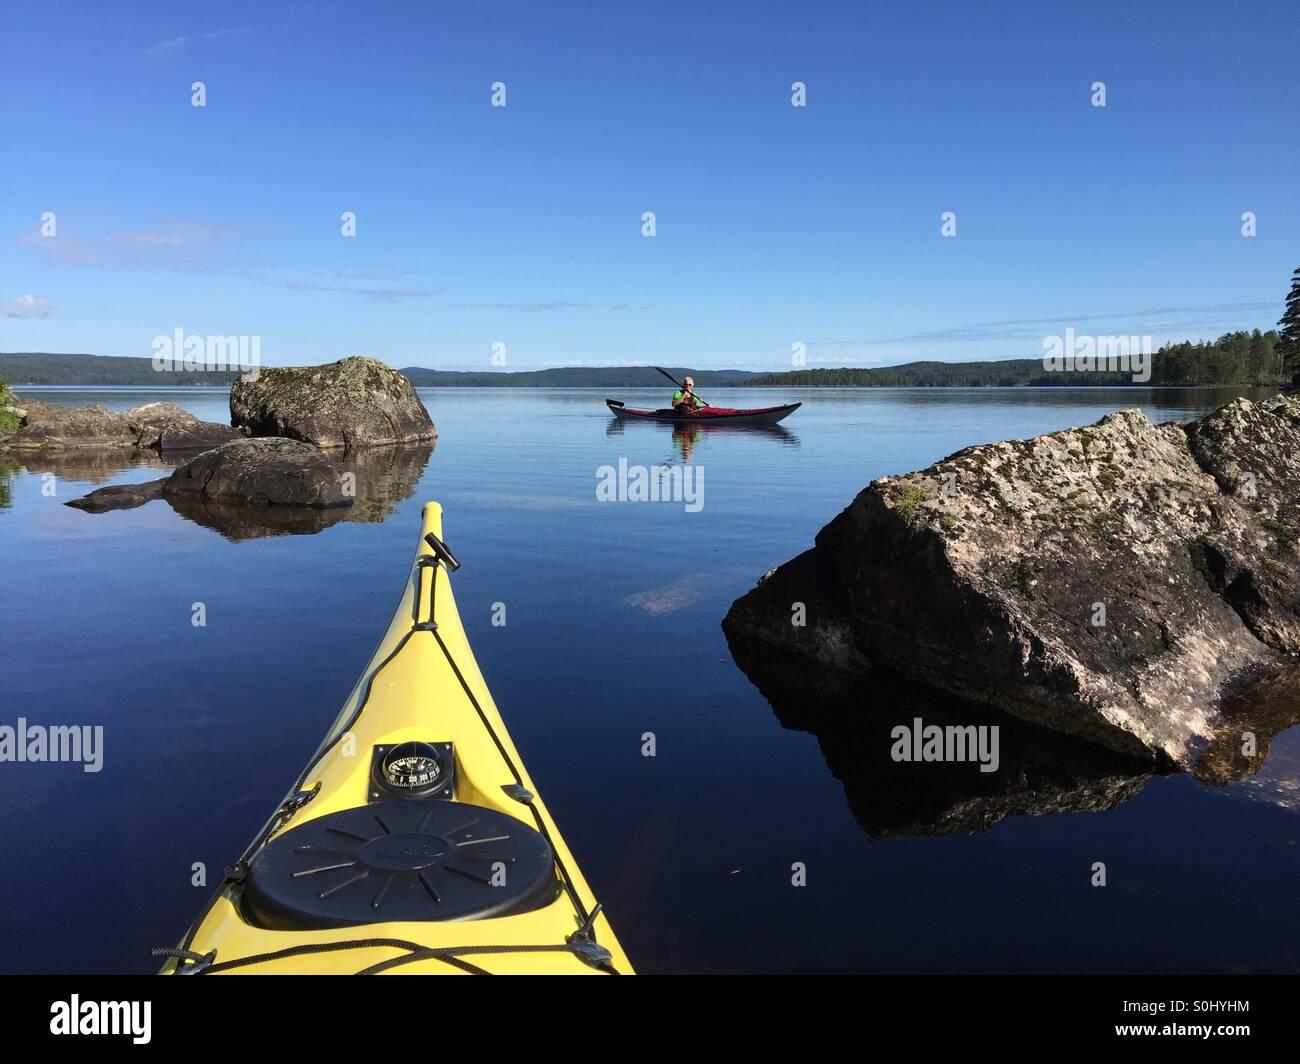 Kayaking on lake Övre Gla, Sweden. - Stock Image